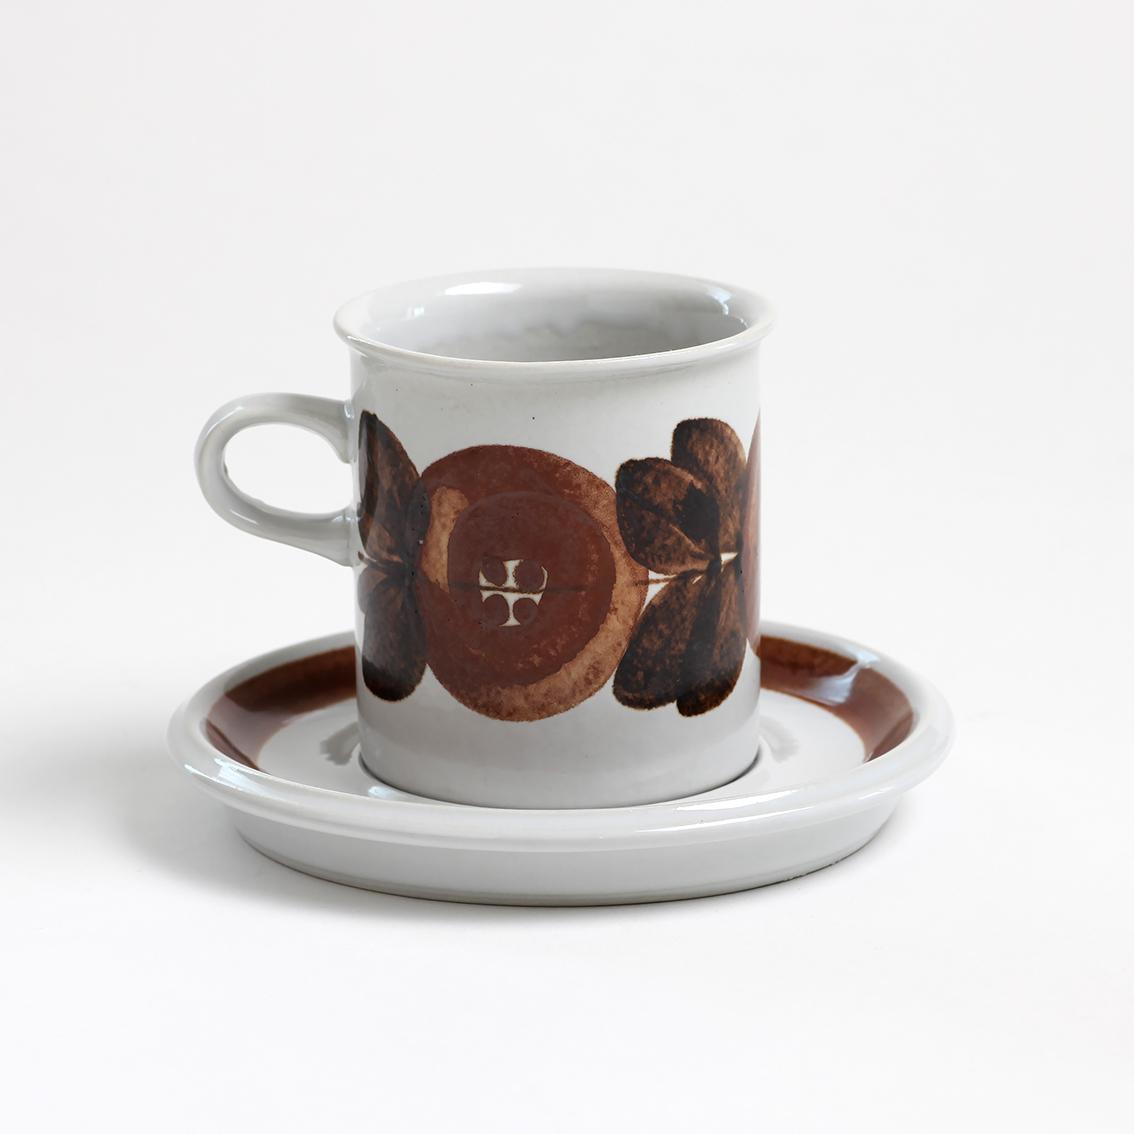 ARABIA アラビア Rosmarin ロスマリン コーヒーカップ&ソーサー - 13 北欧ヴィンテージ